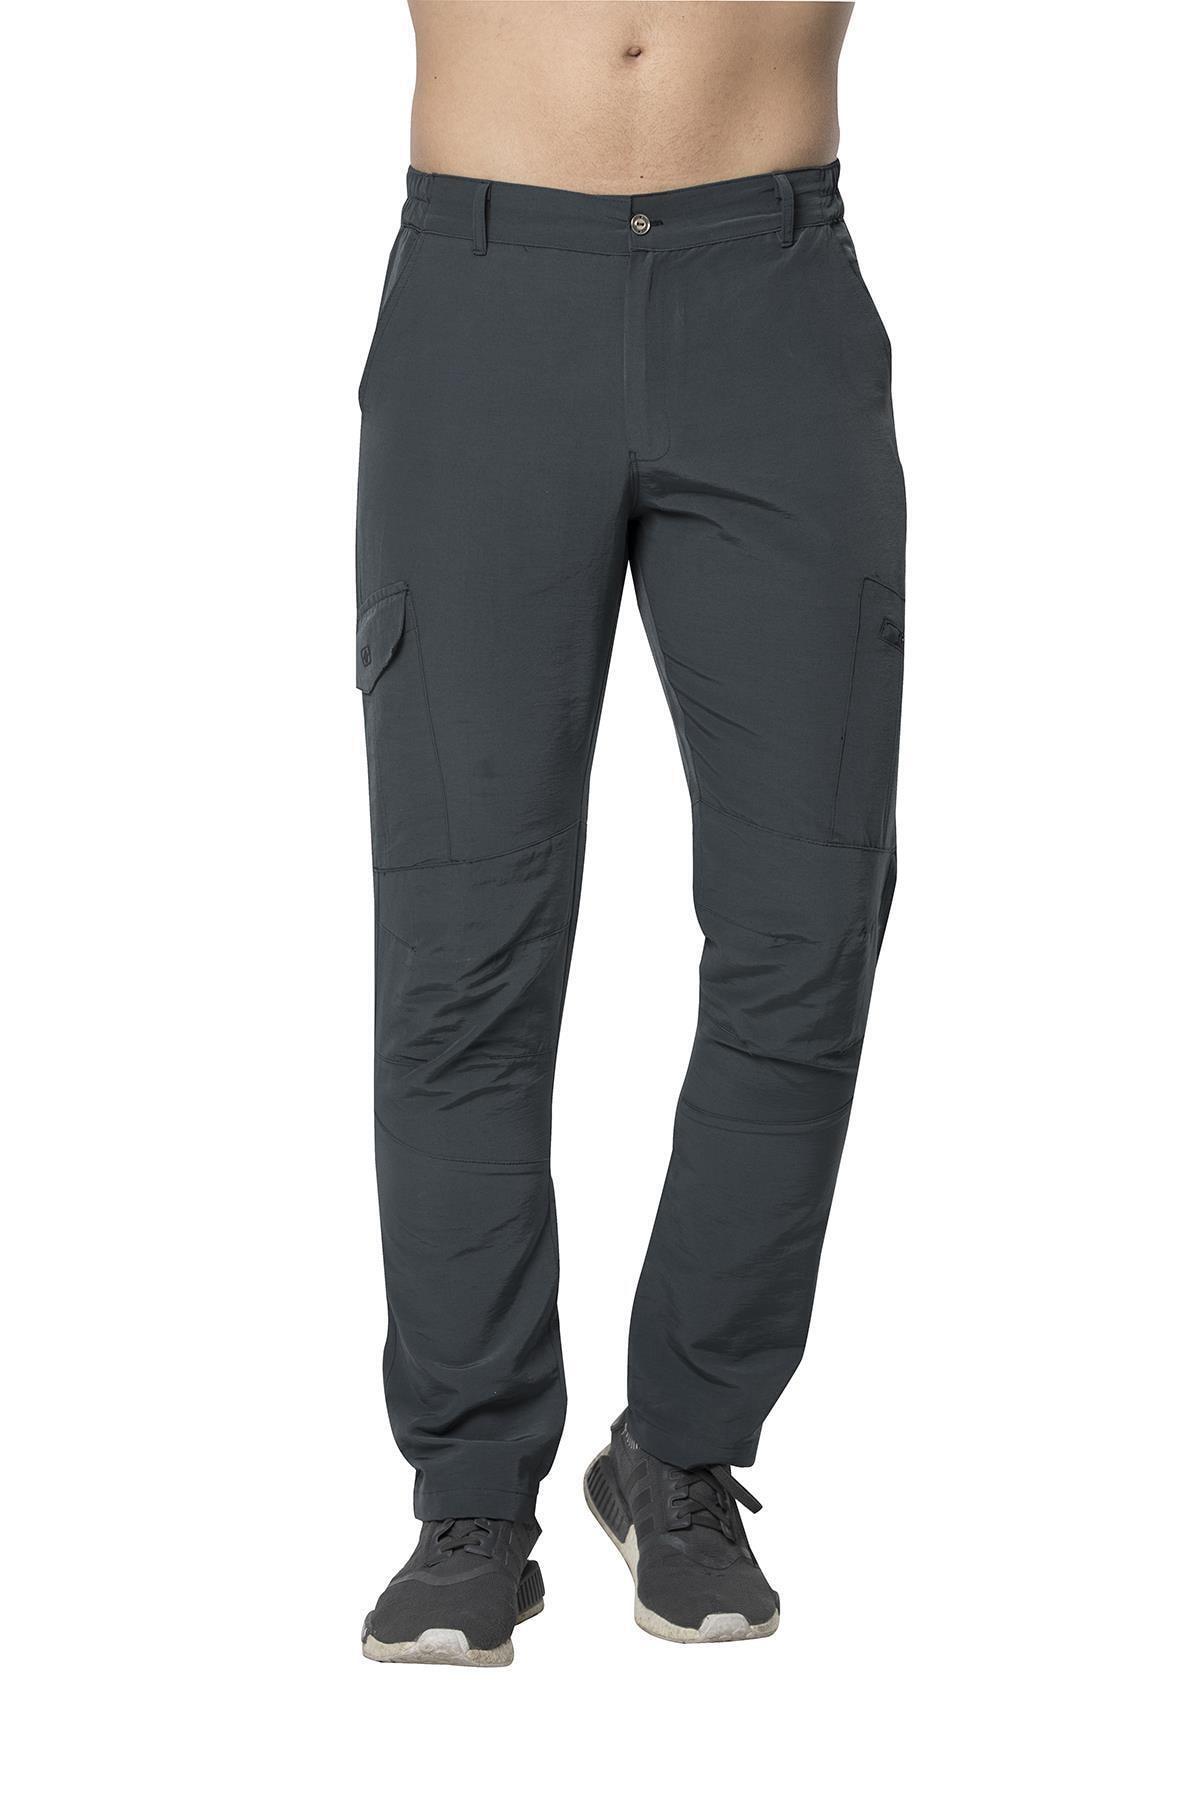 Crozwise Erkek Siyah Pamuk Polyester Outdoor Pantolon 1